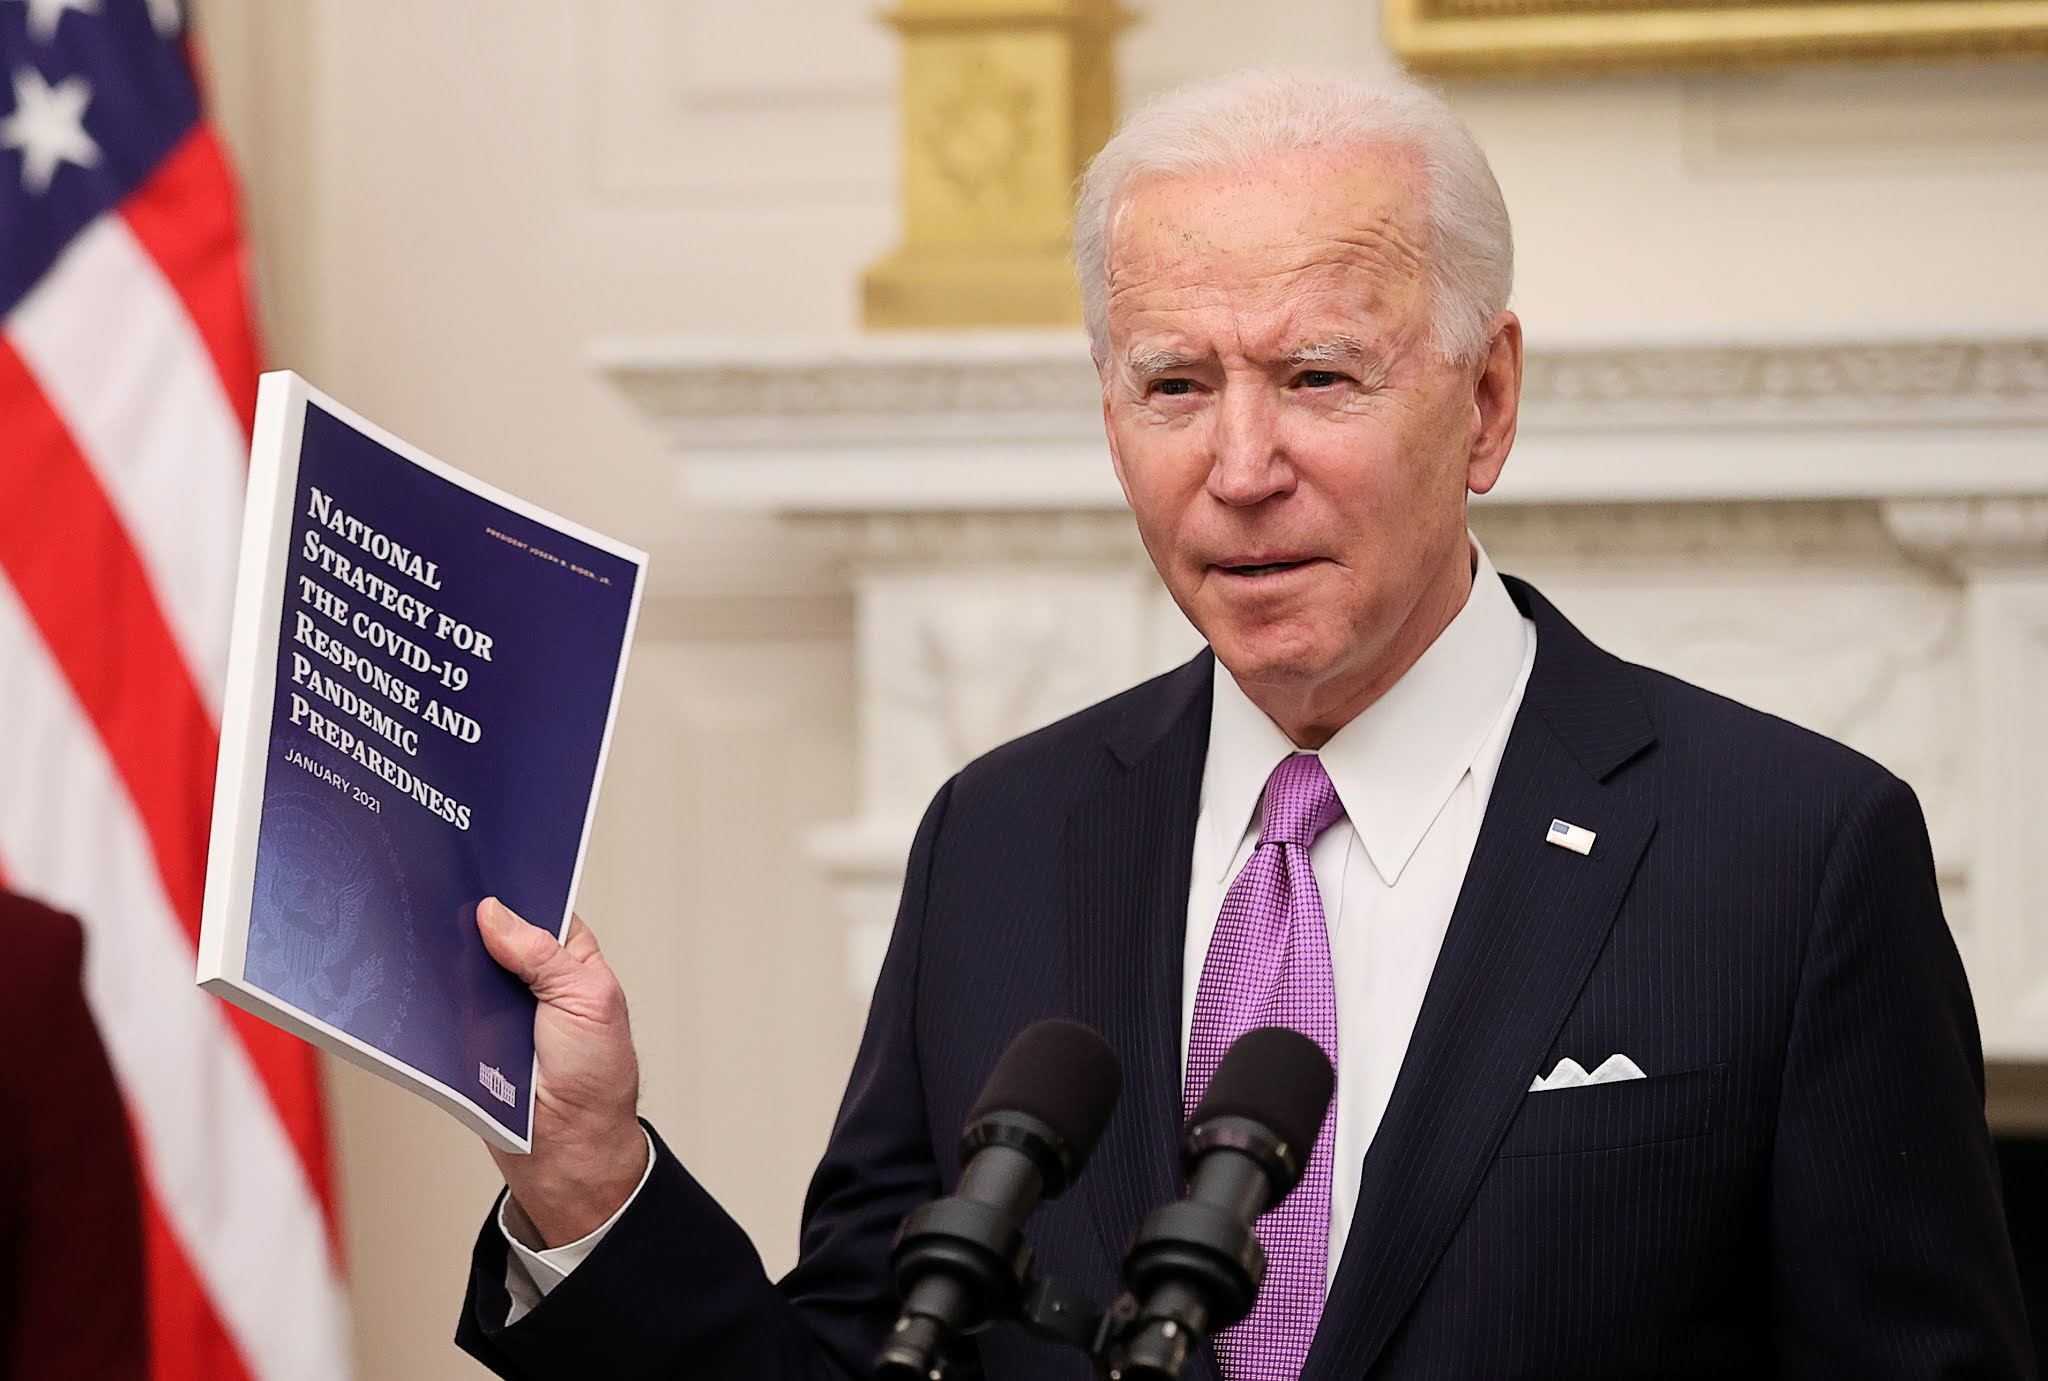 Joe Biden presentó su plan para la lucha contra el coronavirus: más ayuda, coordinación y medidas preventivas